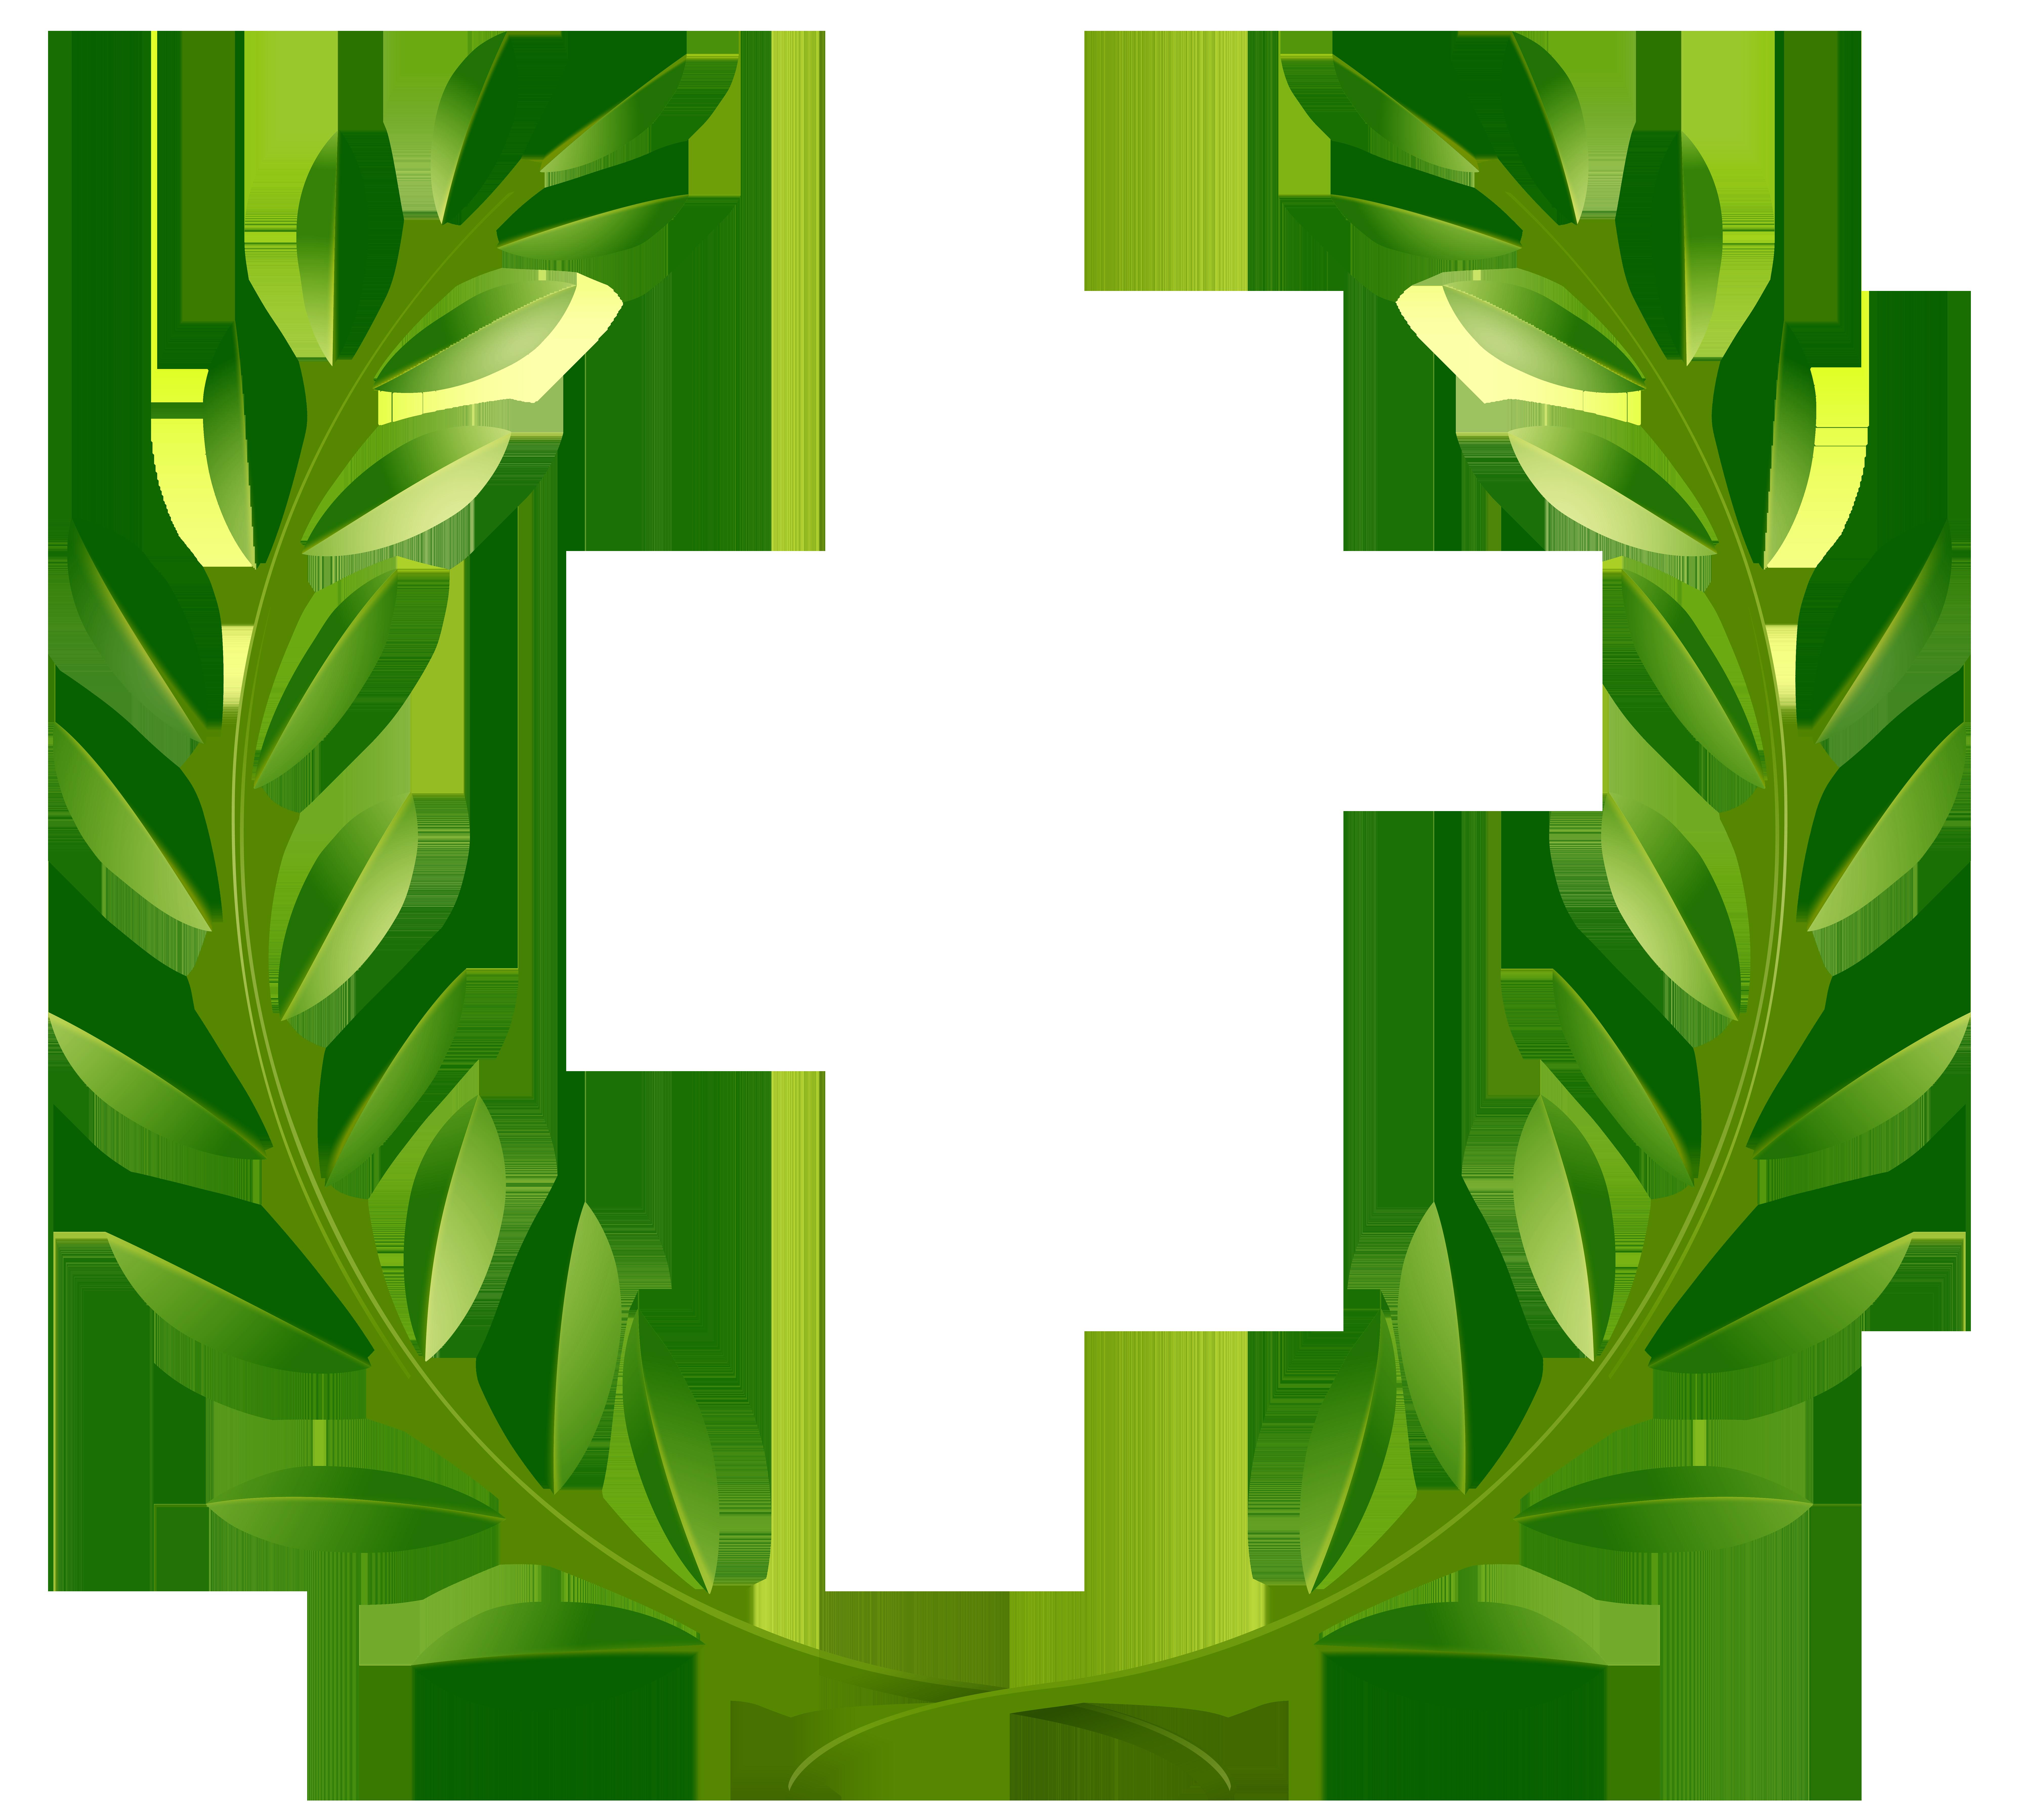 banner transparent download Green laurel leaves png. Laurels vector olympic